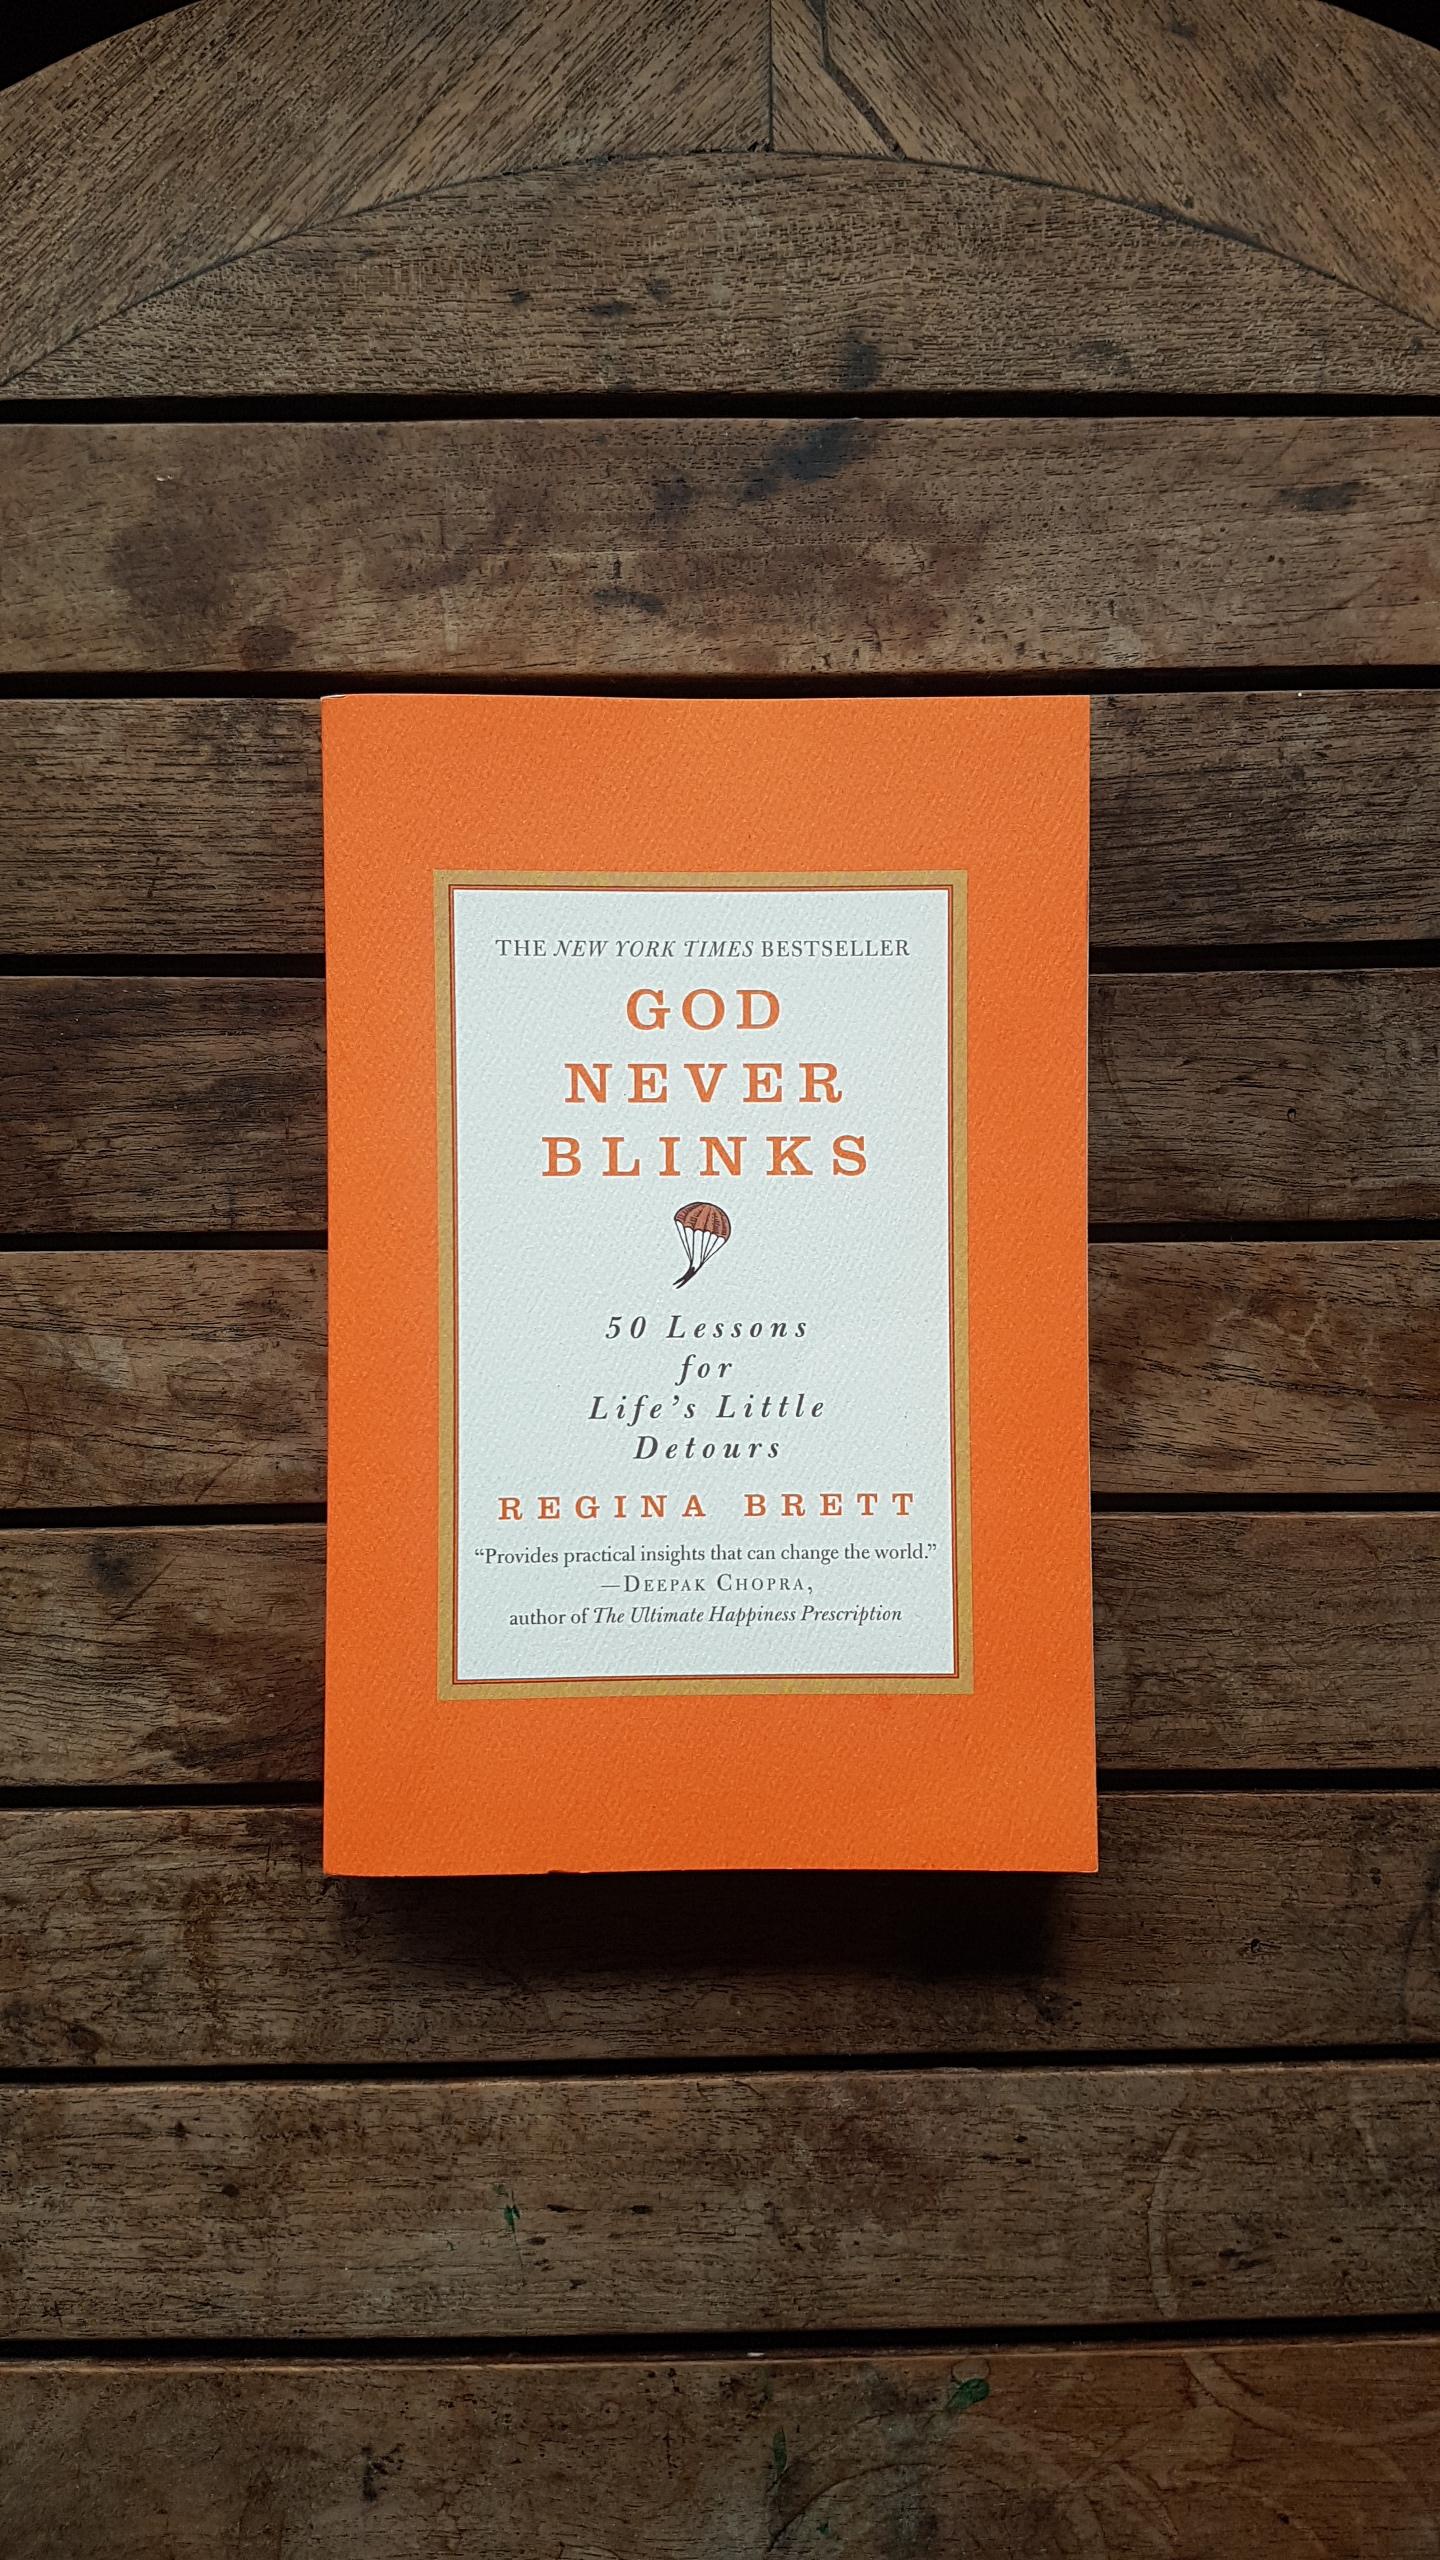 God Never Blinks: 50 Lessons for Life's Little Detours  by Regina Brett